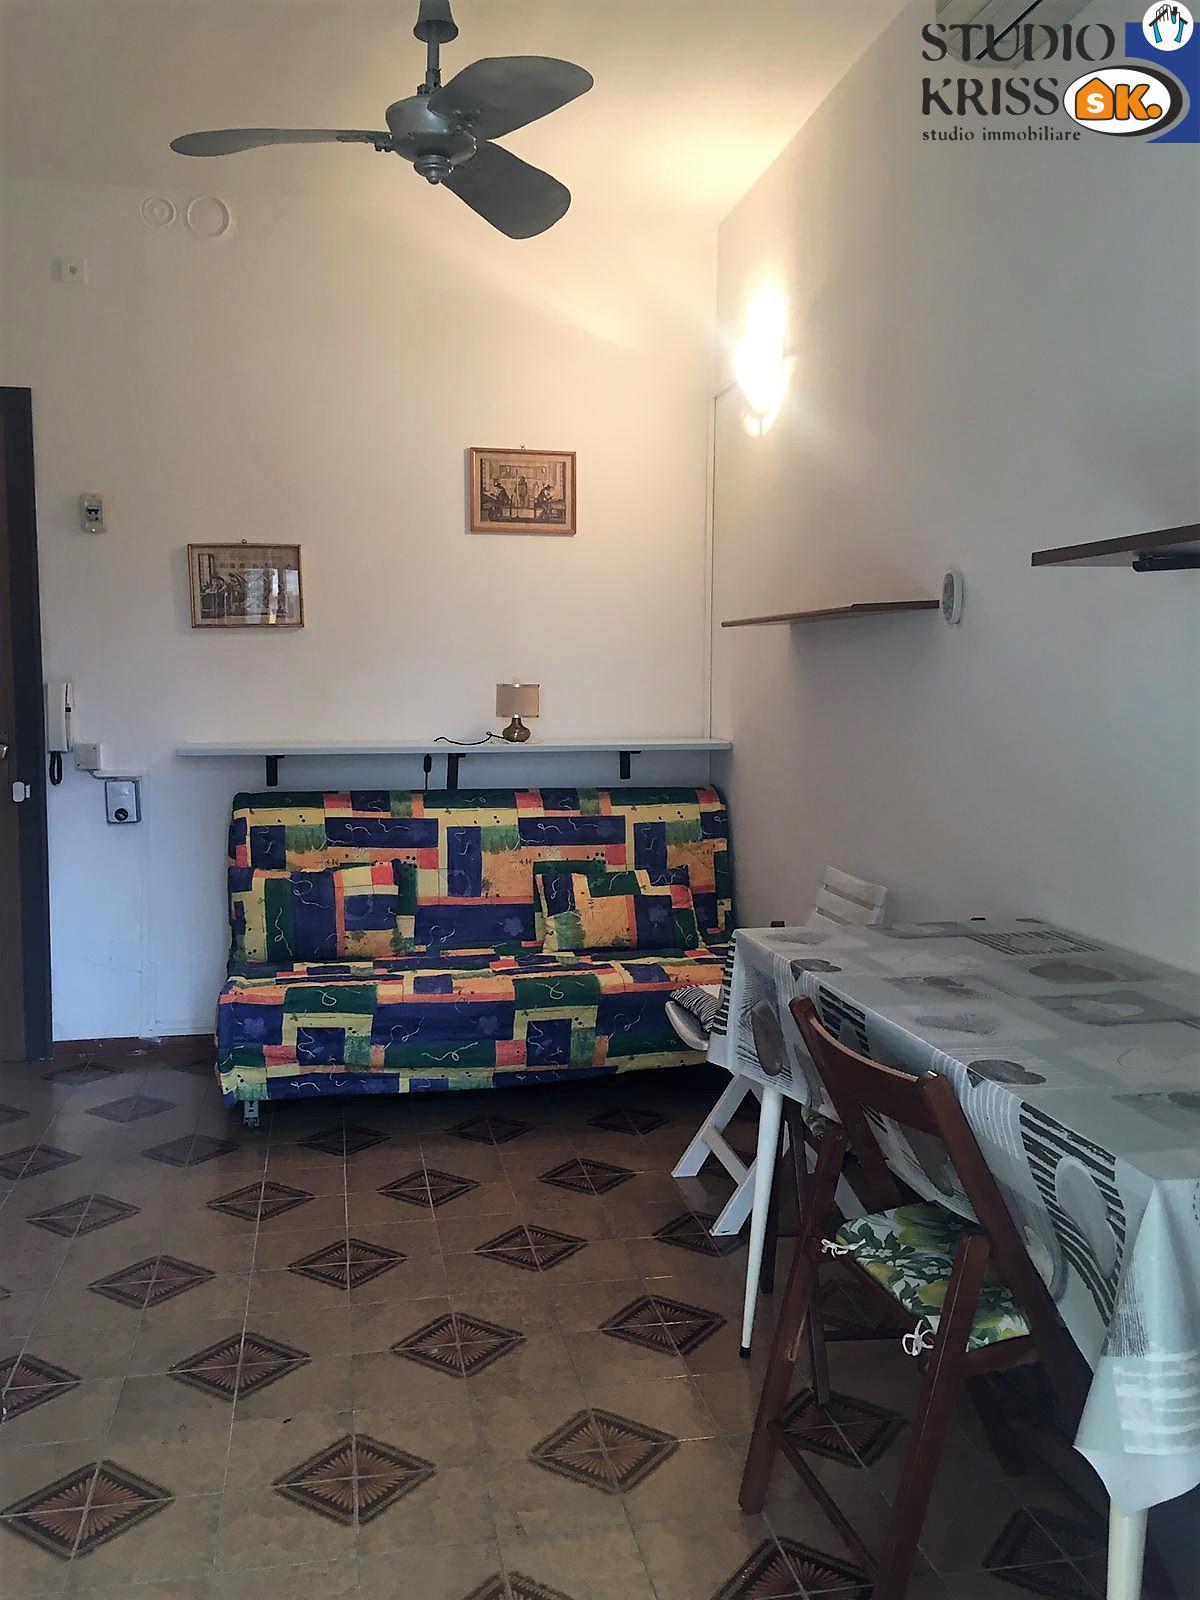 Appartamento in vendita a Comacchio, 1 locali, zona Località: LidodiPomposa, prezzo € 40.000   CambioCasa.it